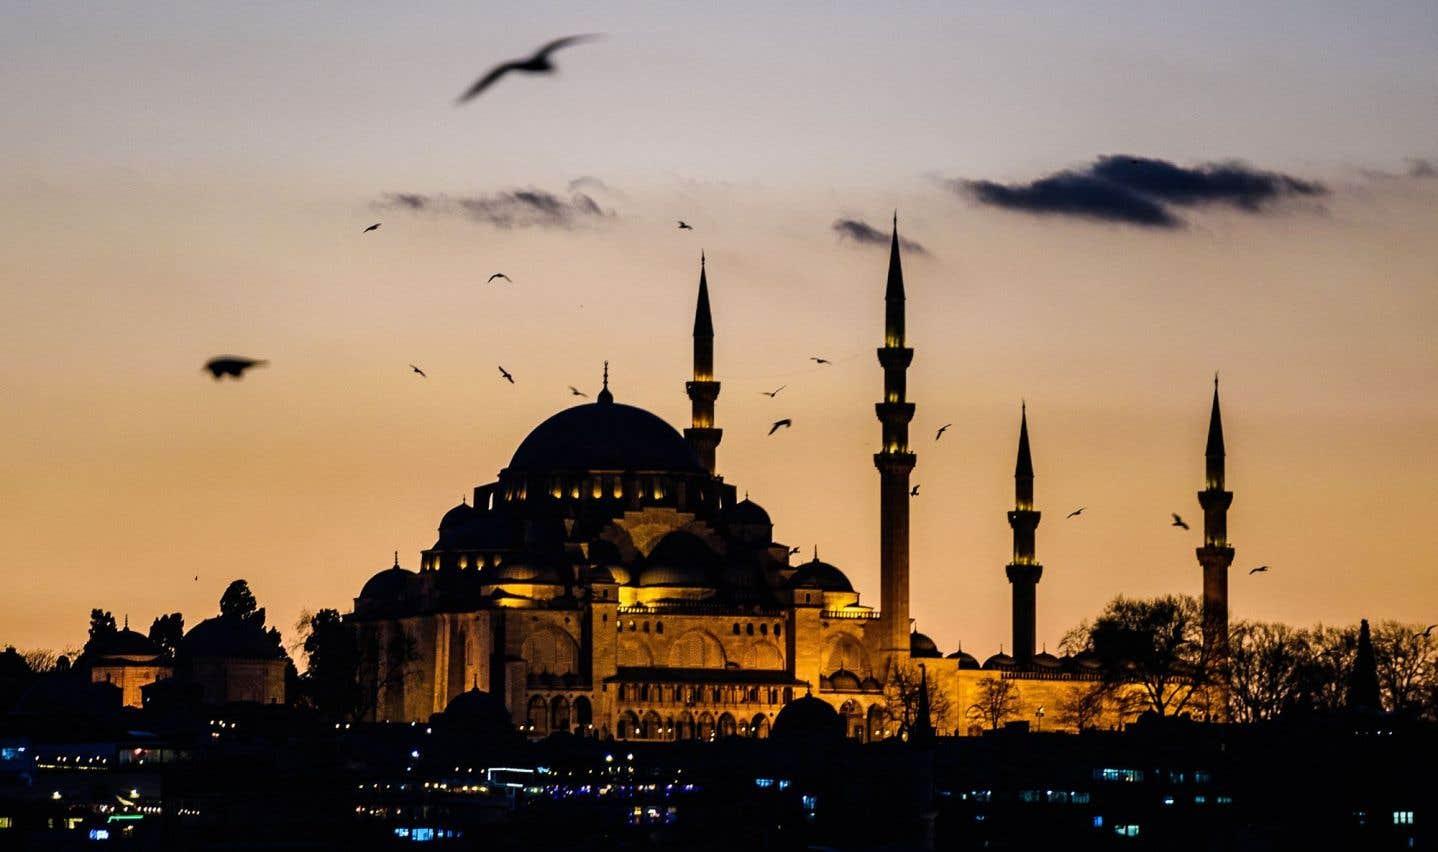 Le tourisme méditerranéen au défi des attentats